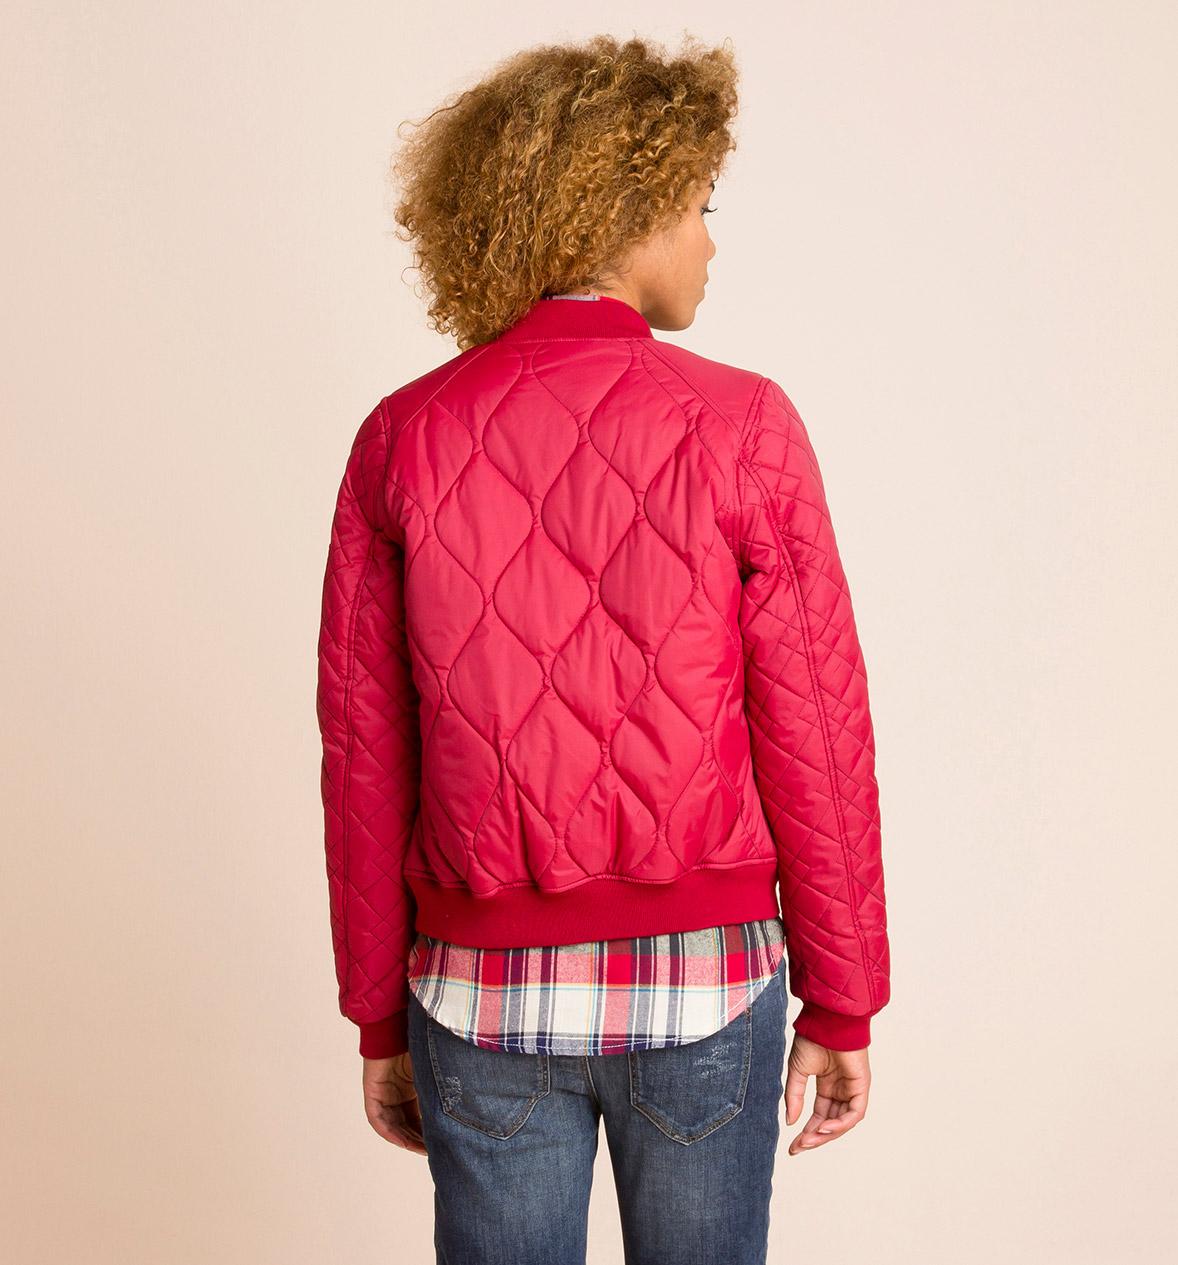 Damen Jacke in rot – die besten Preise im C&A Online-Shop!